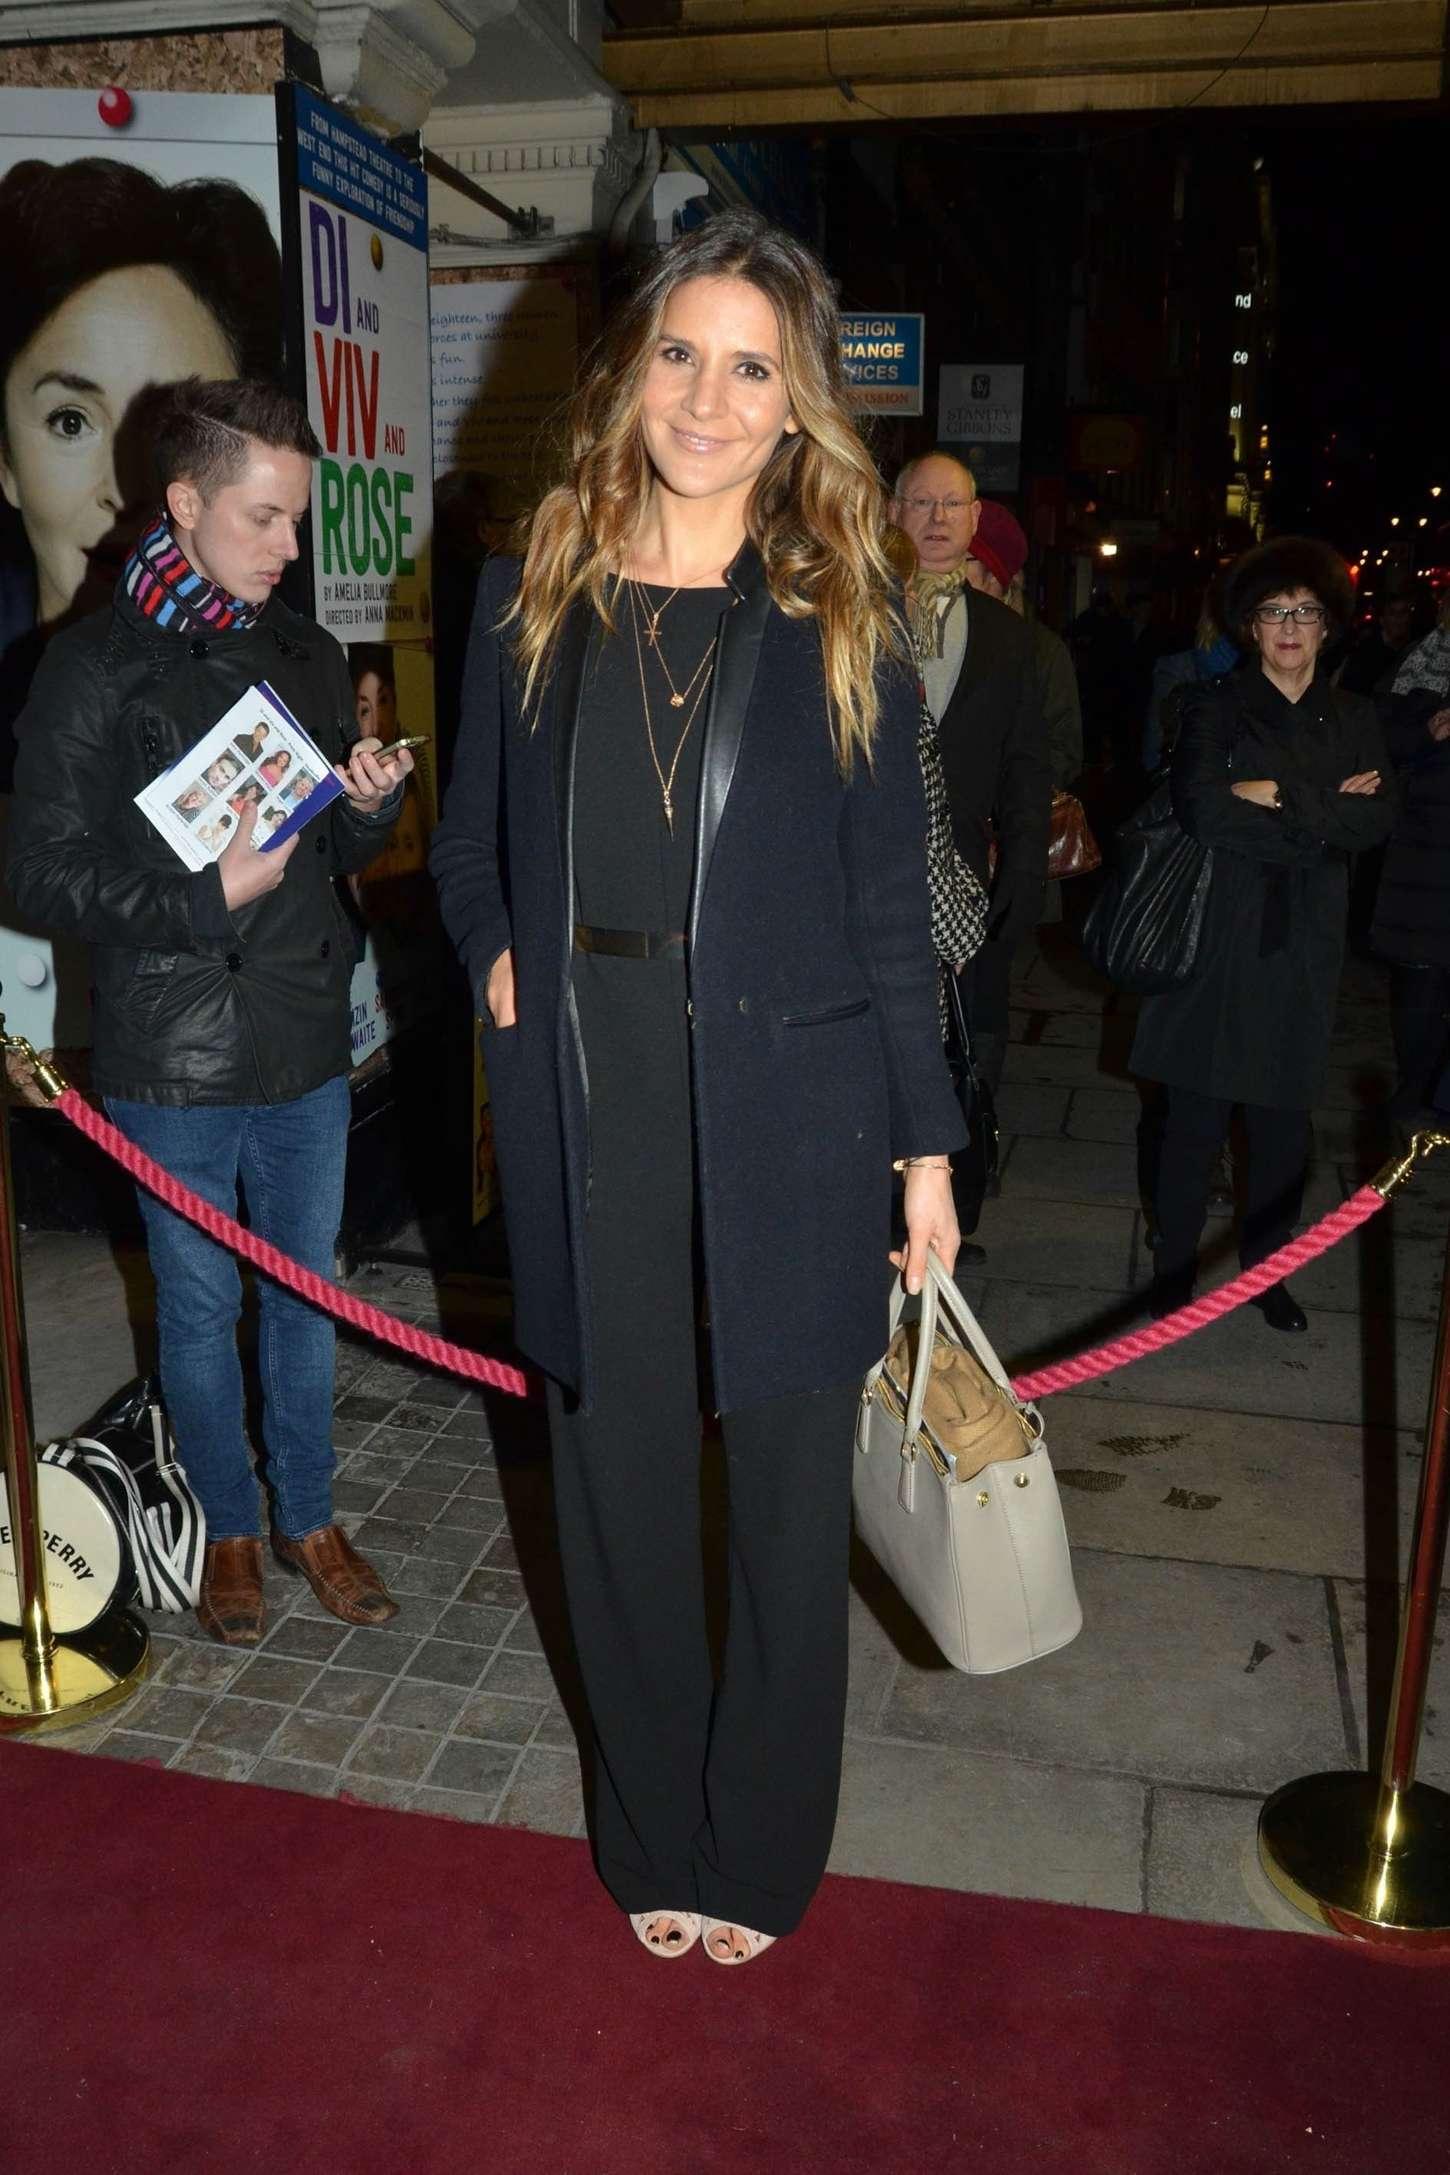 Amanda Byram Di and Viv and Rose Press Night in London